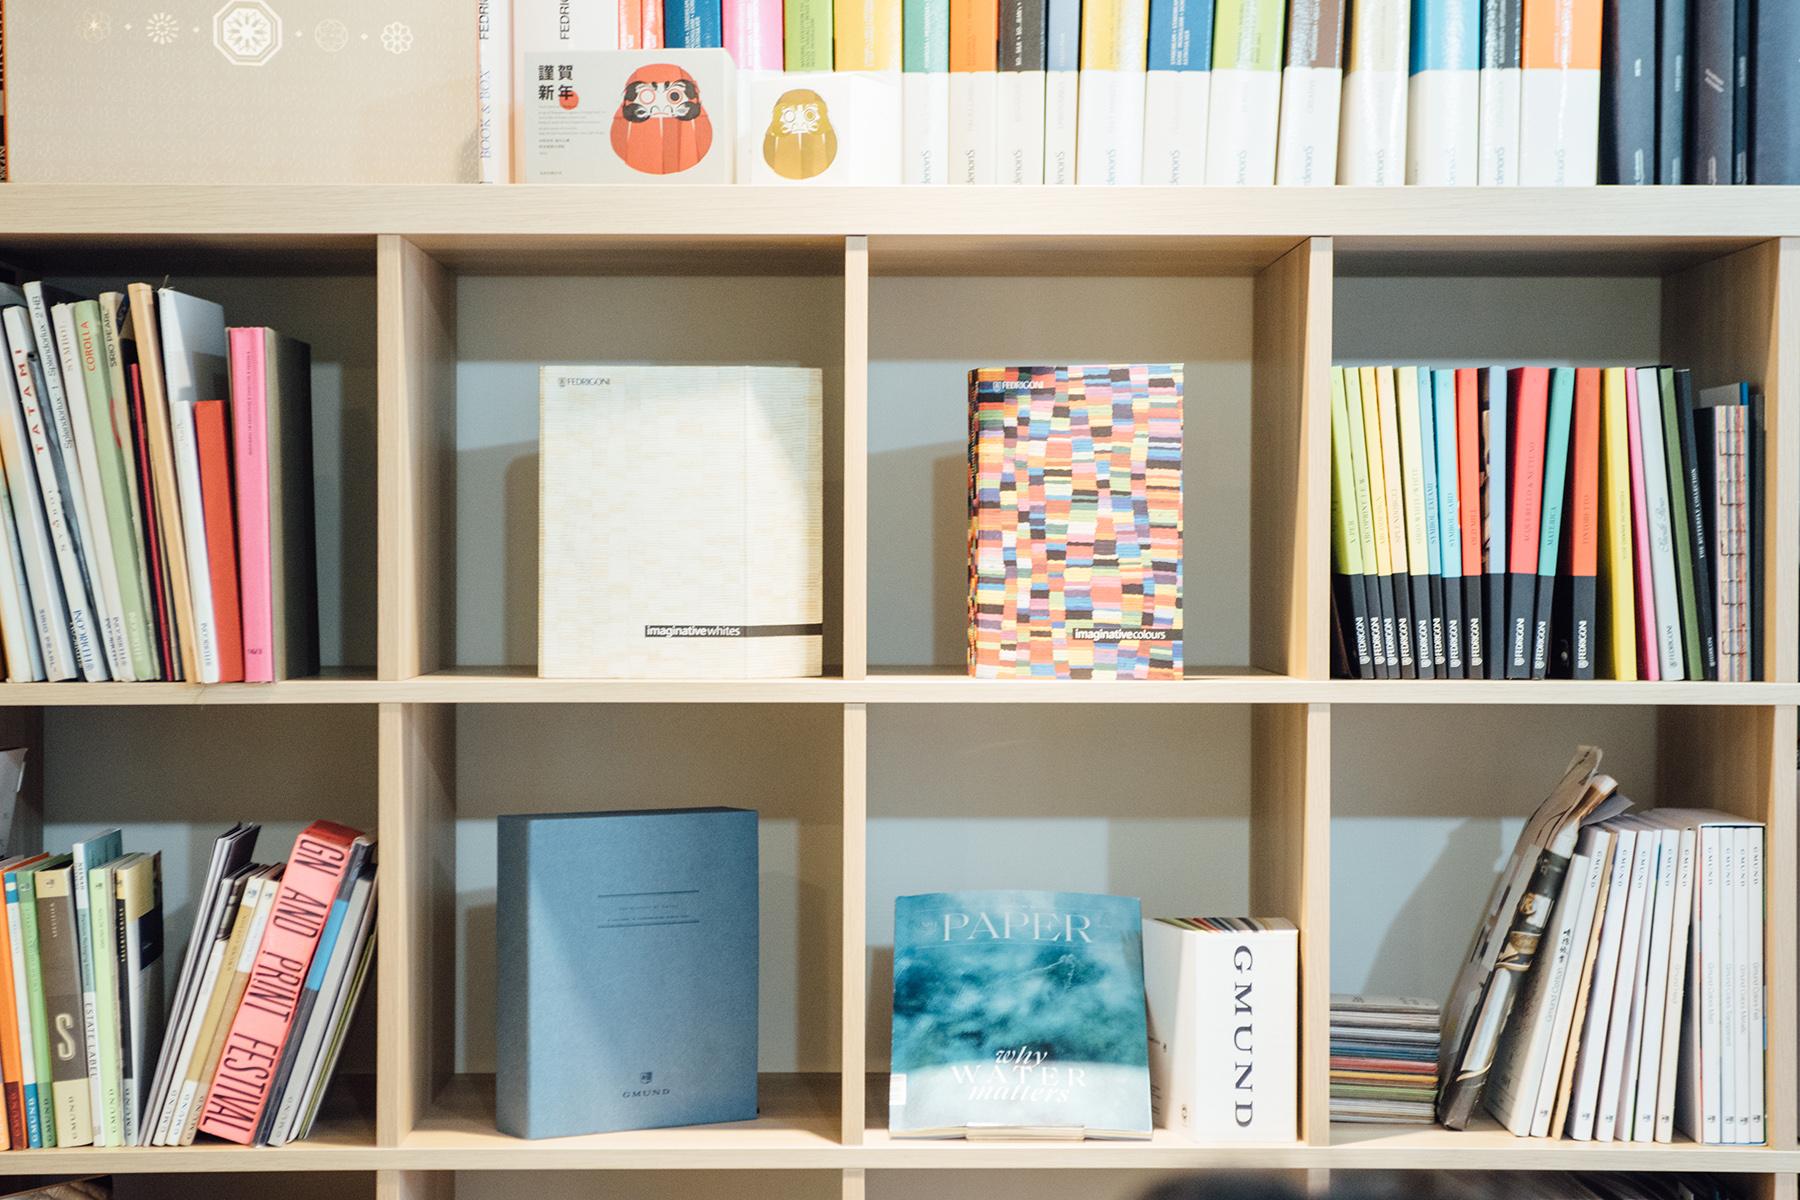 辦公室內收藏了近千本歐洲及日本各地的紙樣。這些由造紙廠及代理商製作的非賣品,主要提供相關人員參考應用,通常不對外販售。